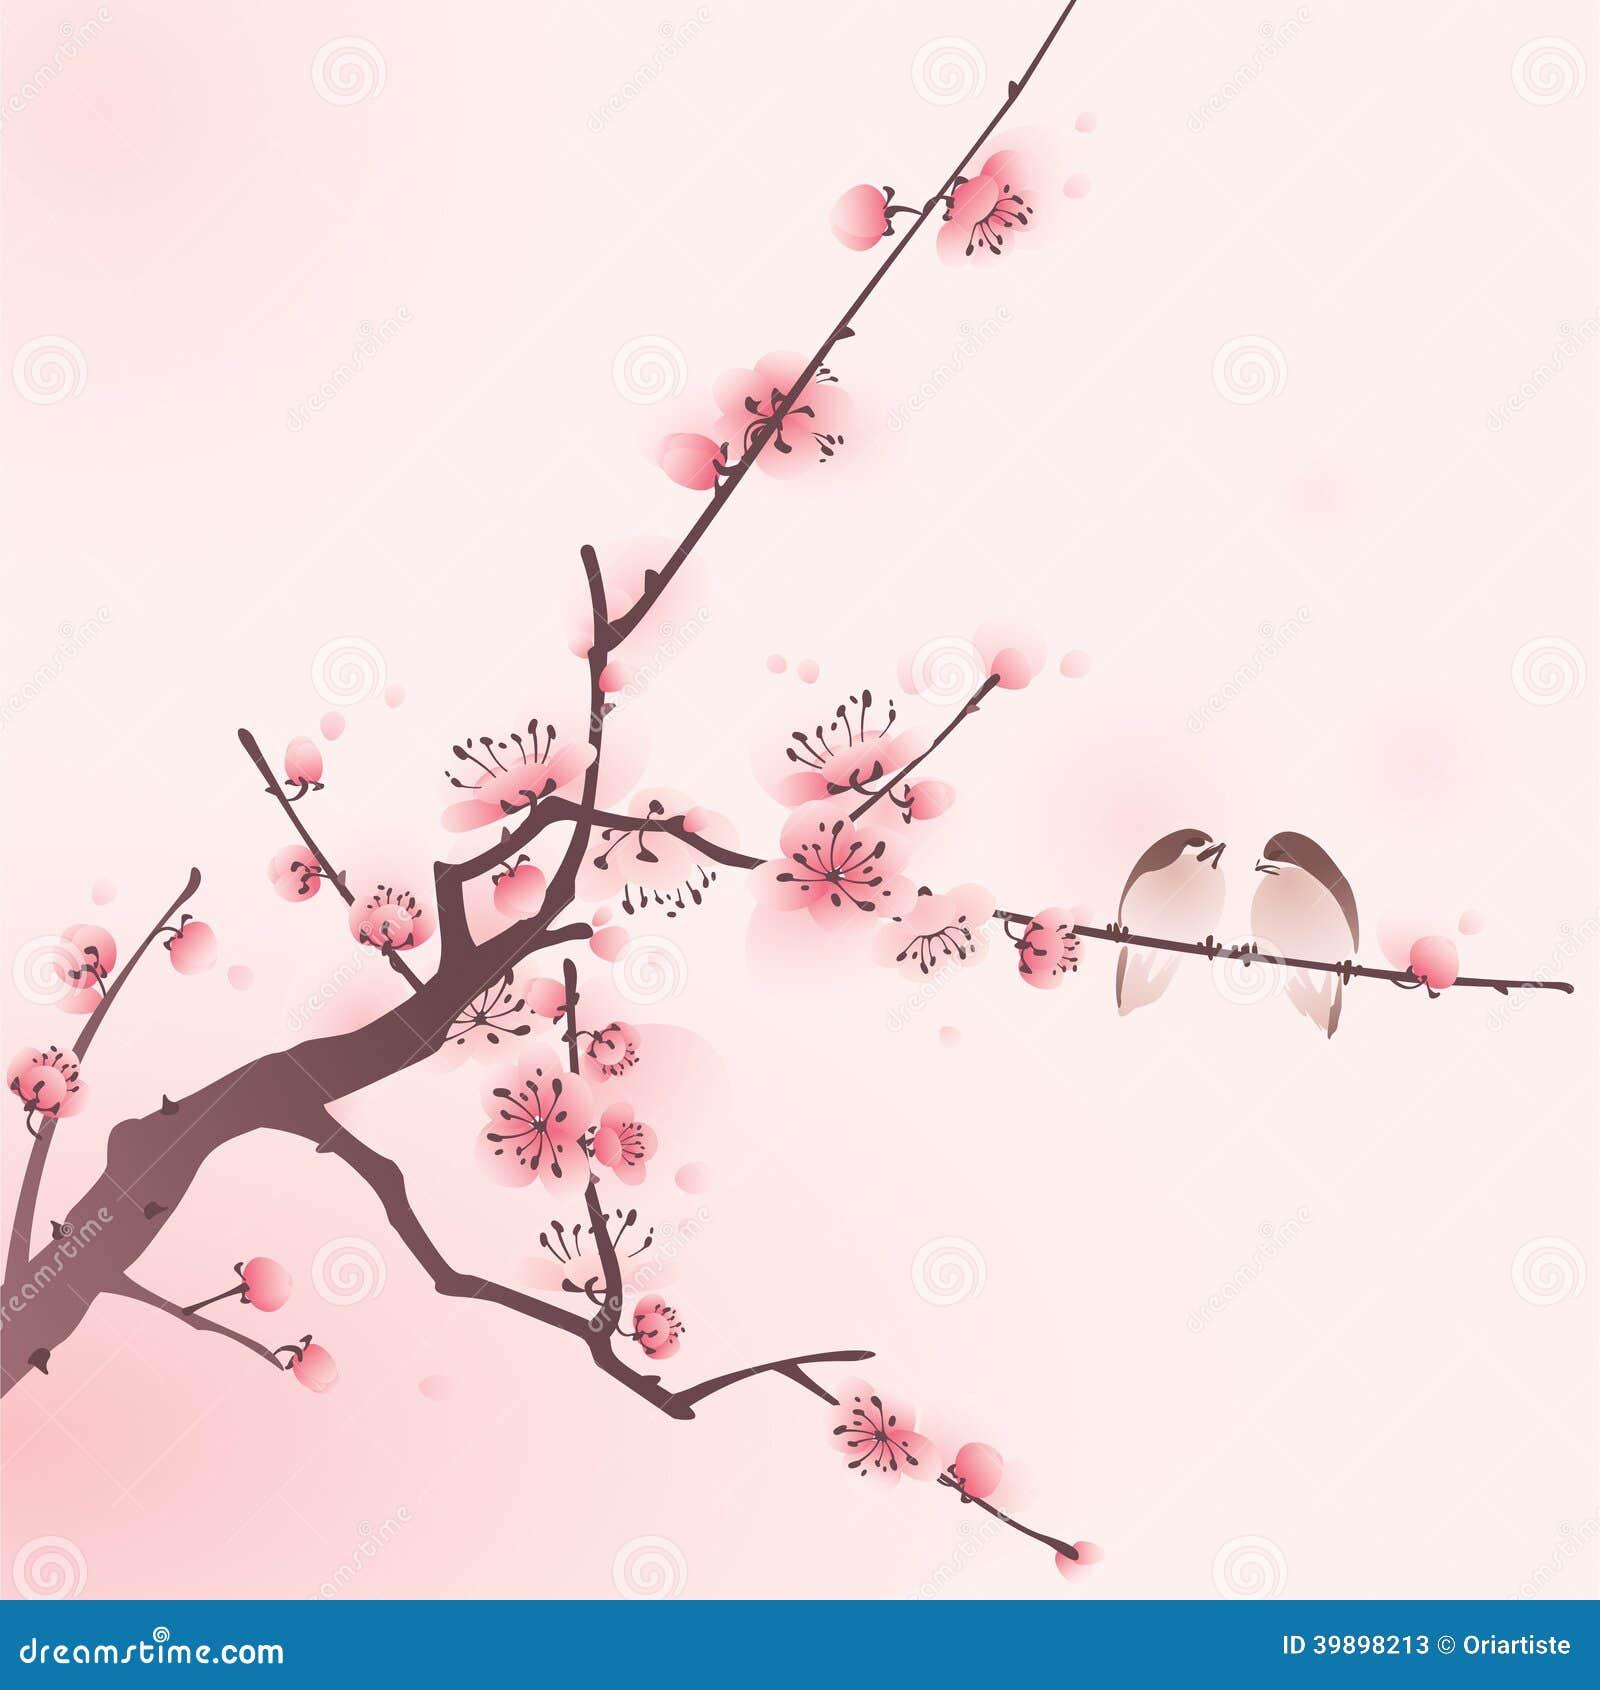 Peinture orientale de style fleurs de cerisier au printemps illustration de vecteur - Greffe du cerisier au printemps ...